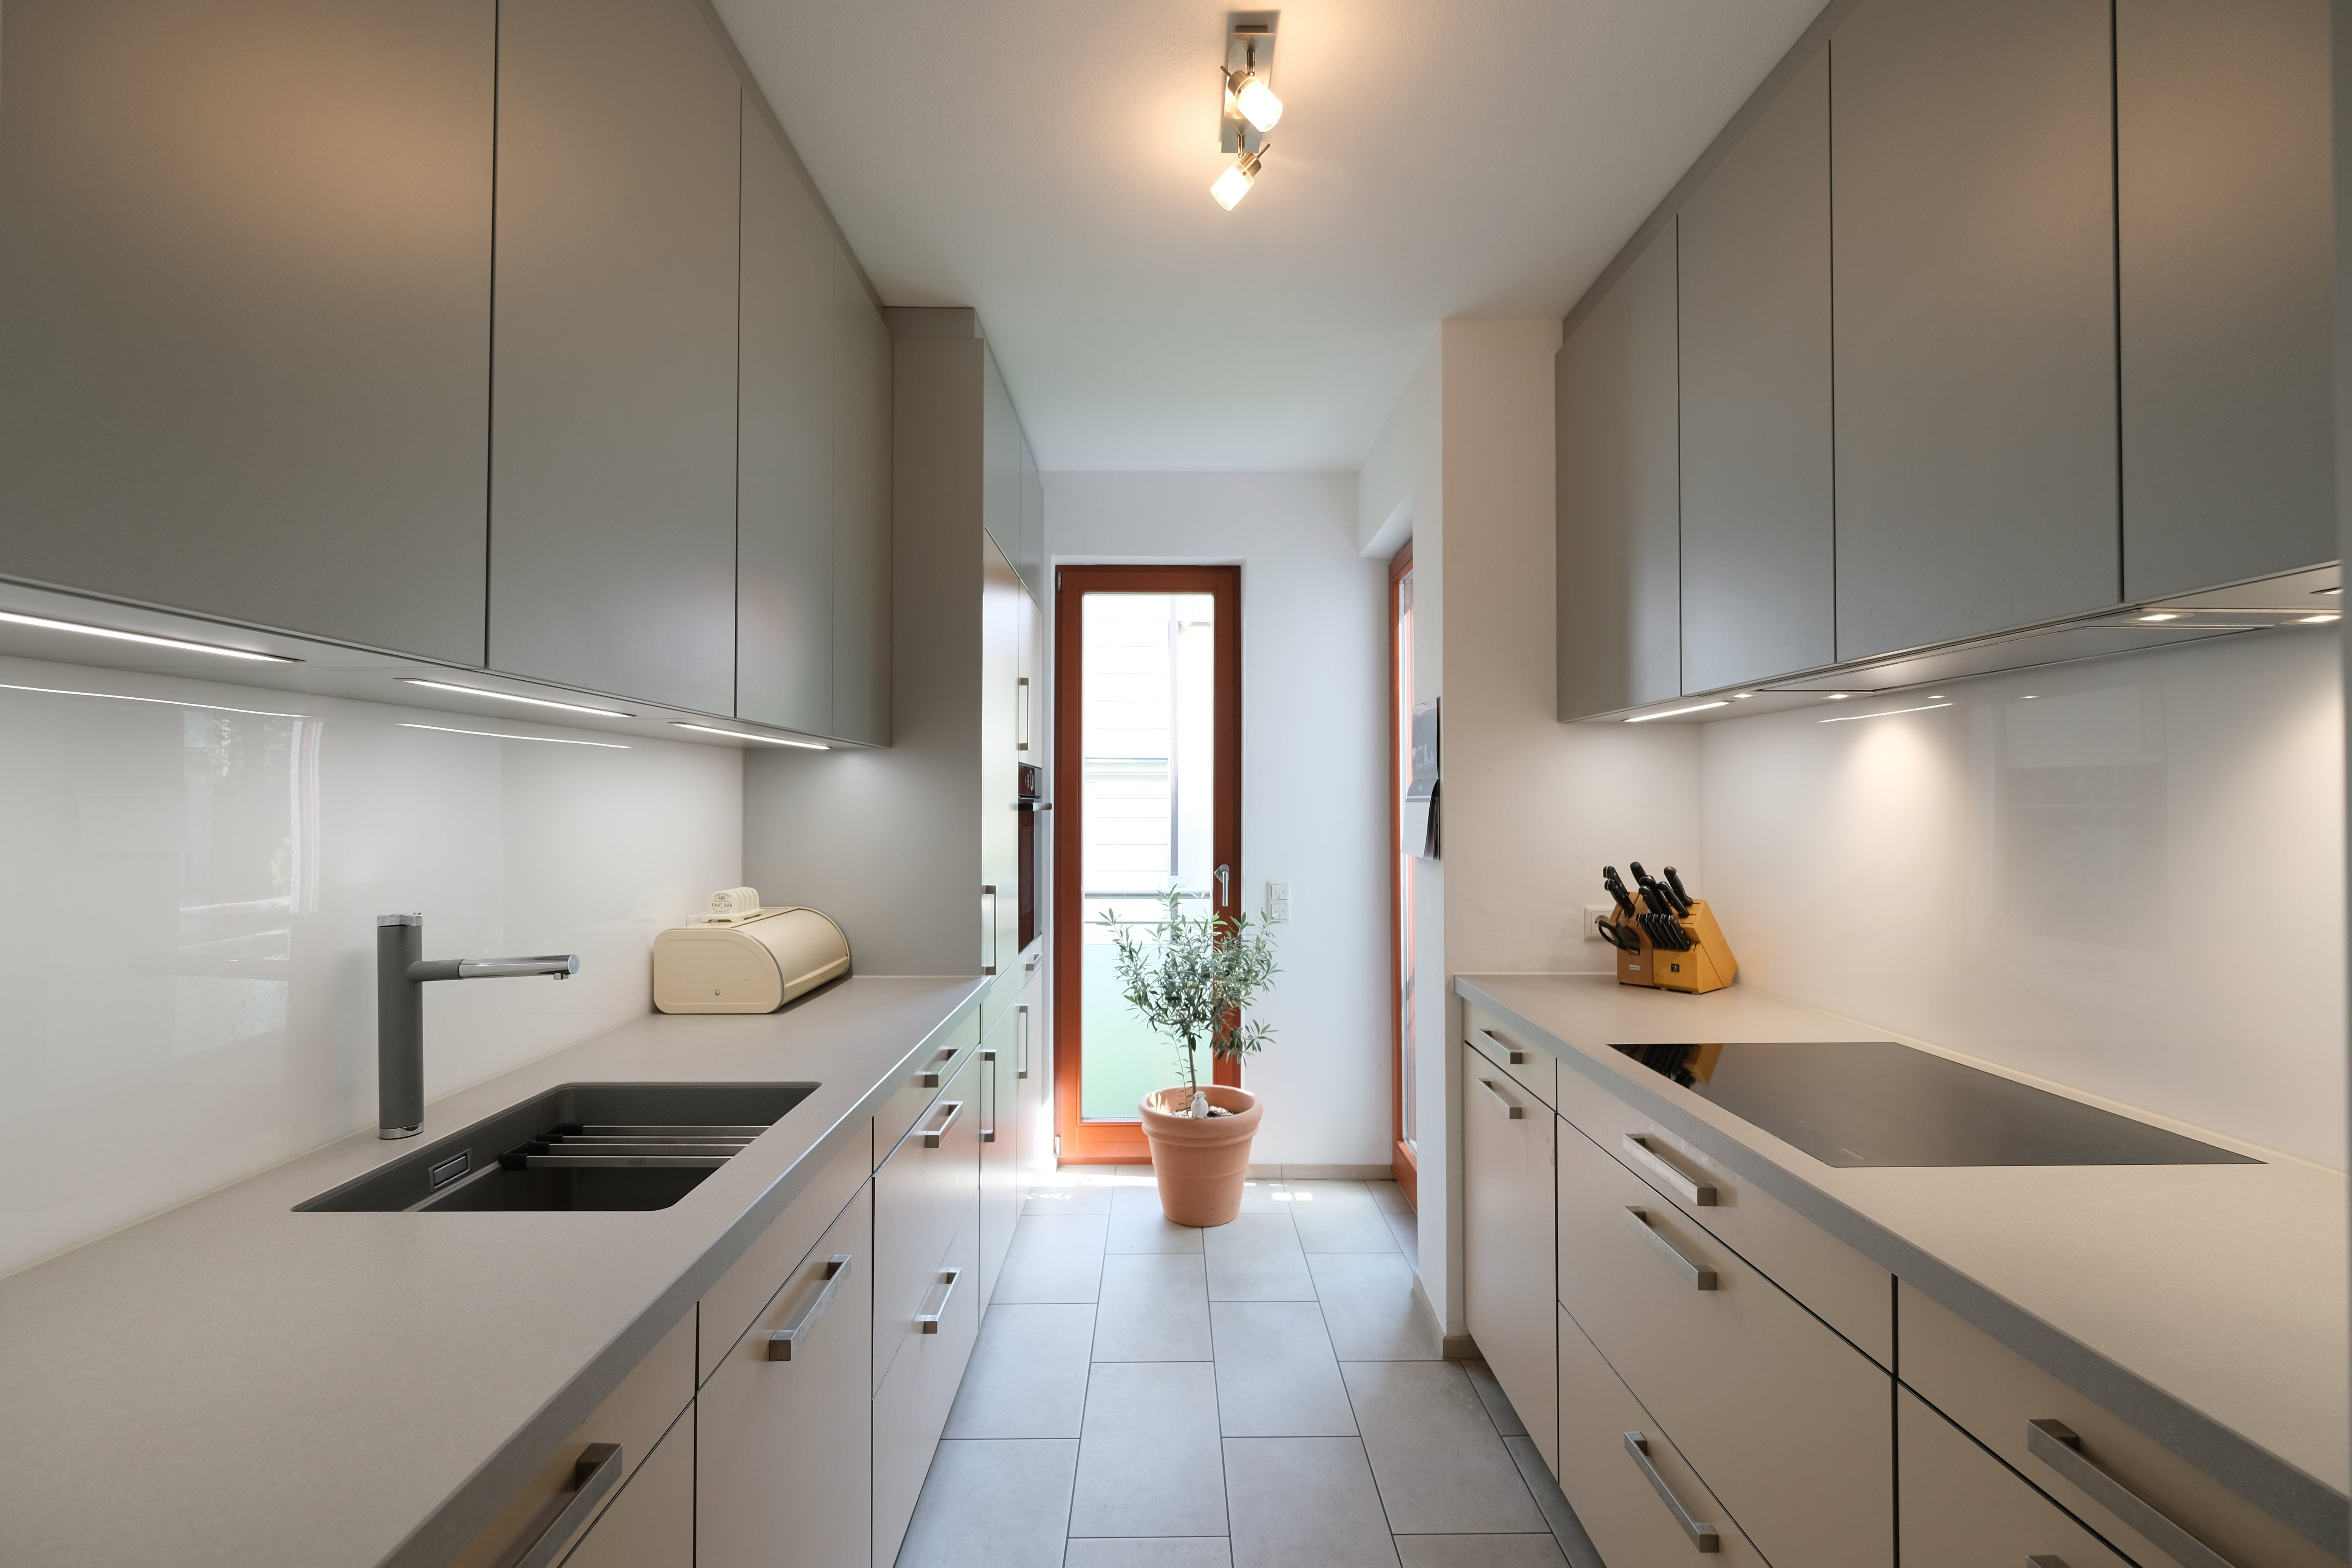 Küchenprojekt Robert G. - Komplettansicht